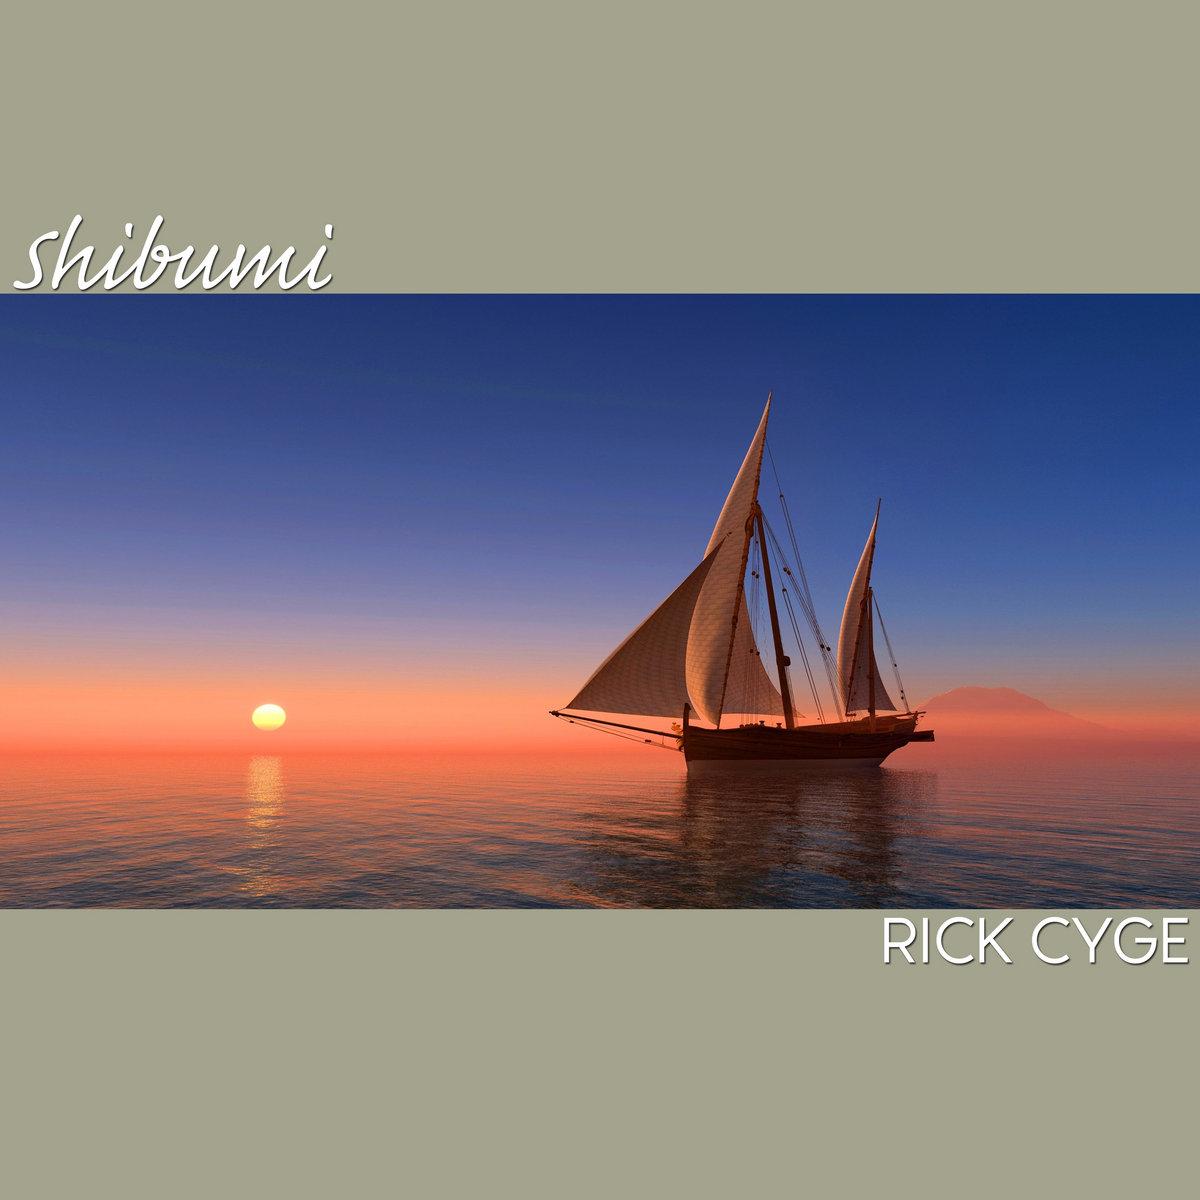 Shibumi [single] by Rick Cyge